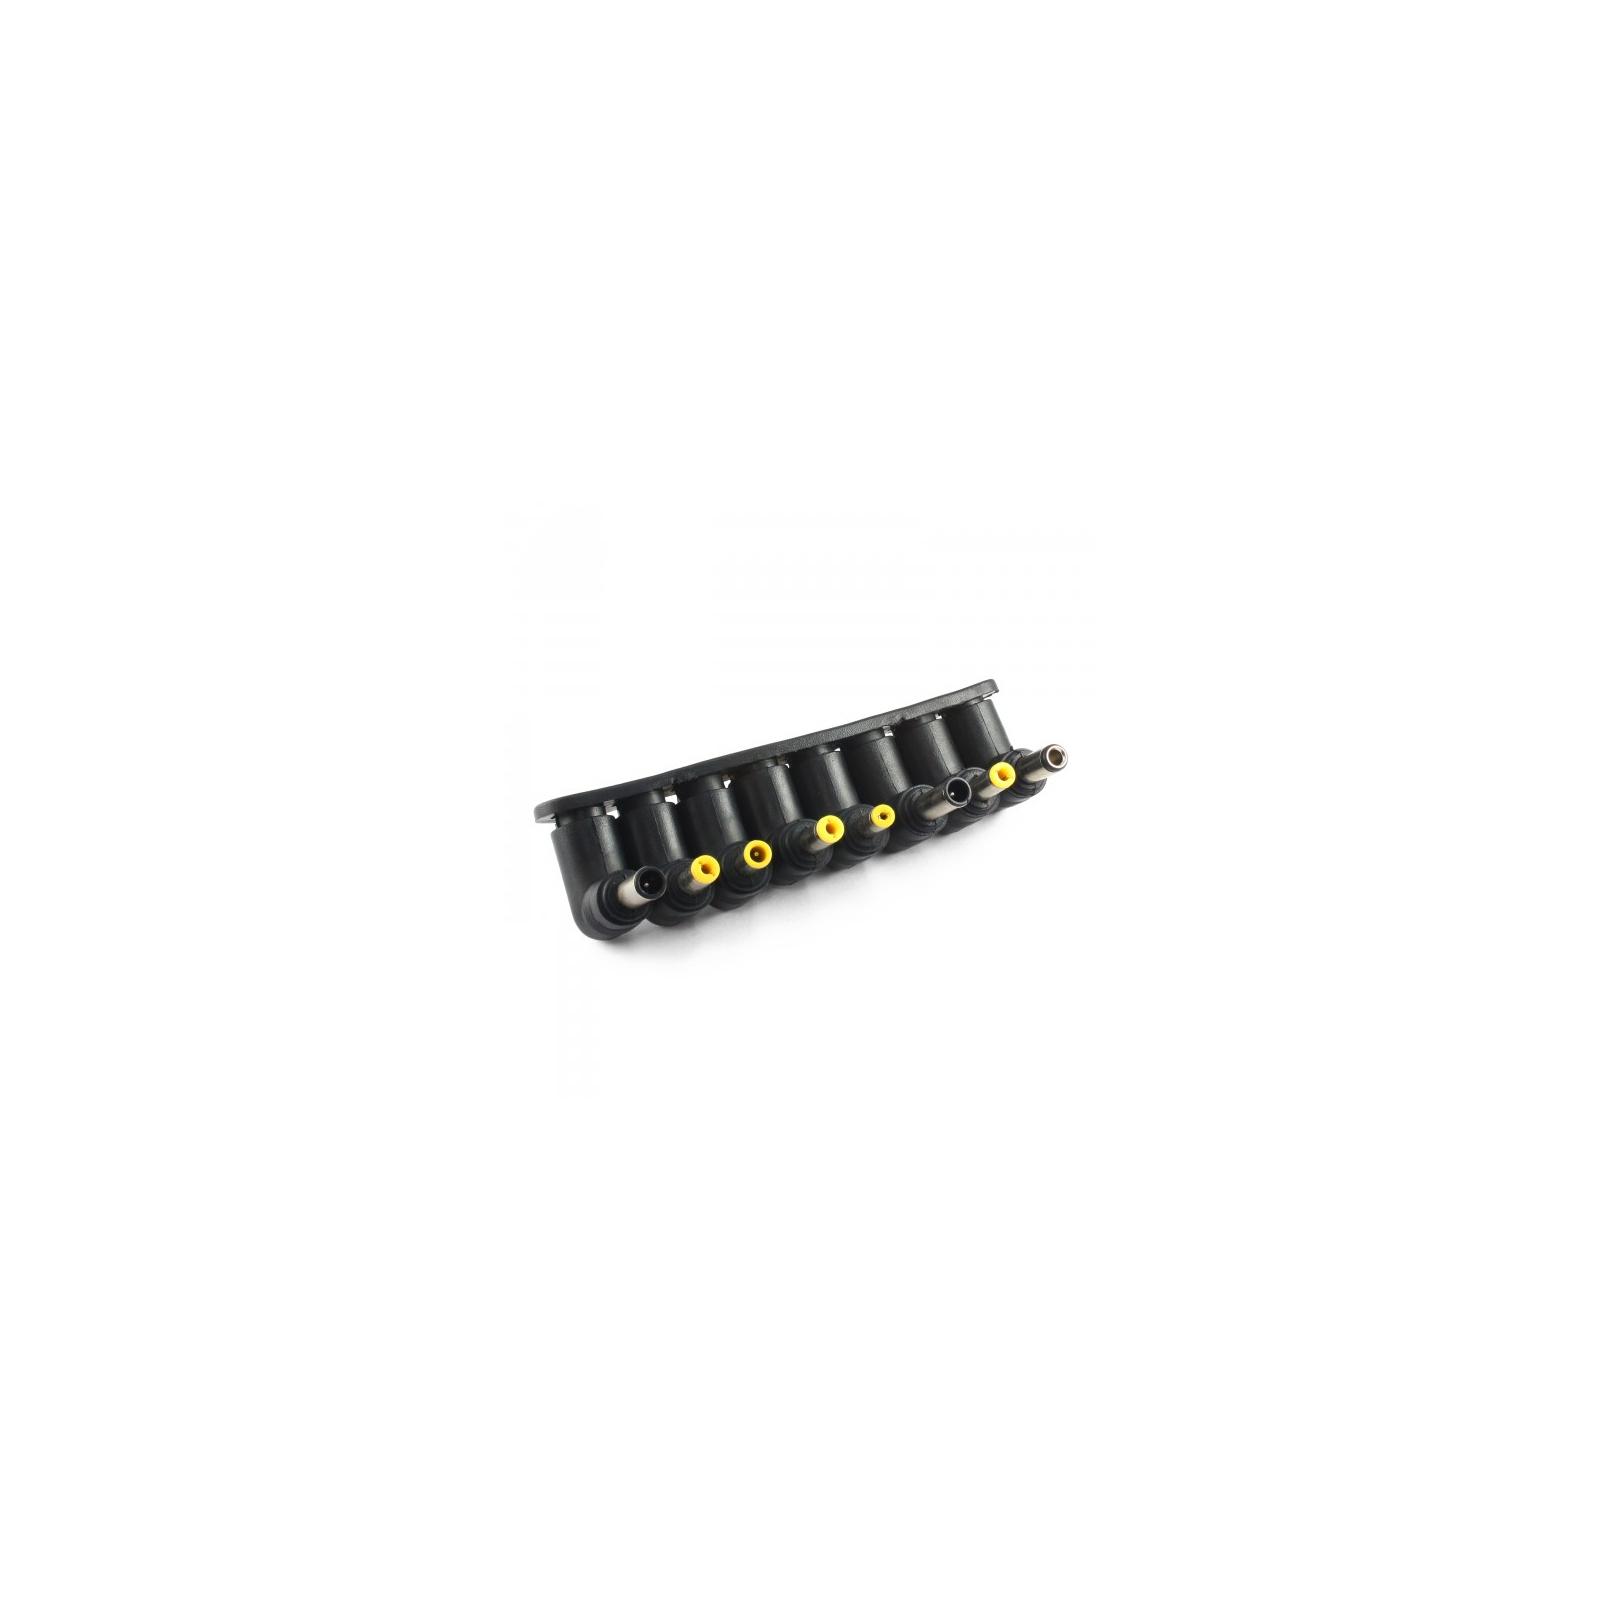 Блок питания к ноутбуку EXTRADIGITAL ED-90B сетевой + автомобильный + USB (ALU90B0003) изображение 2